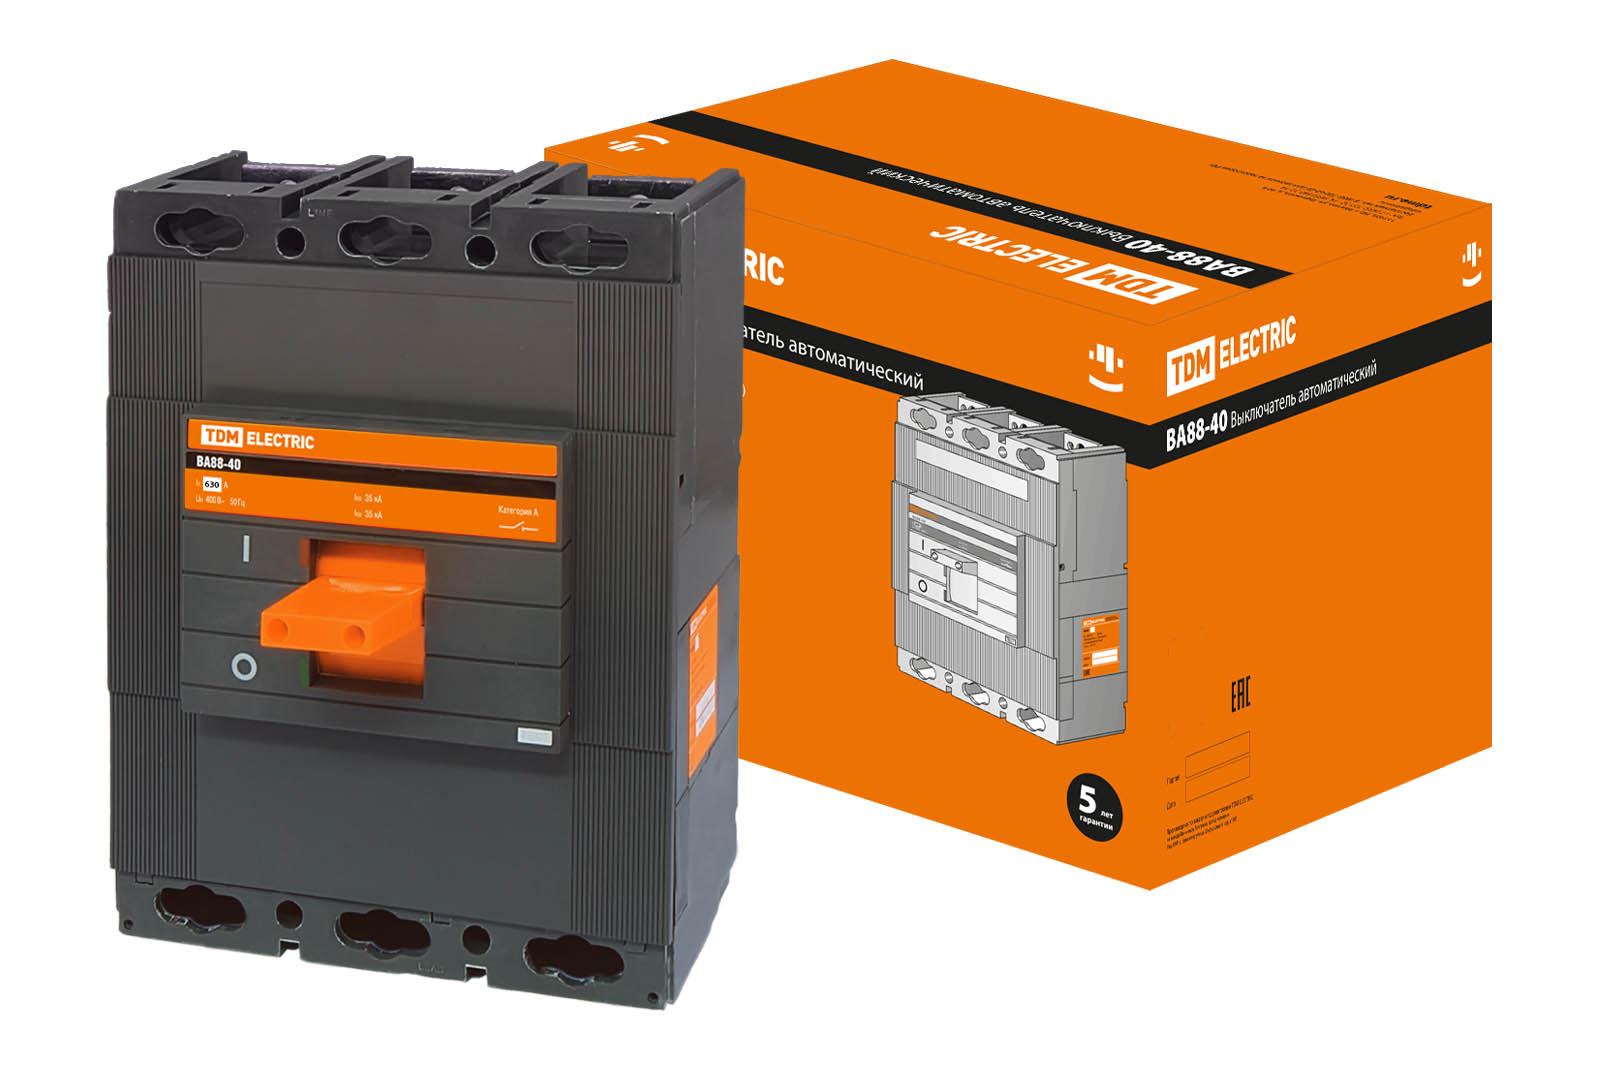 Автомат Tdm Sq0707-0023